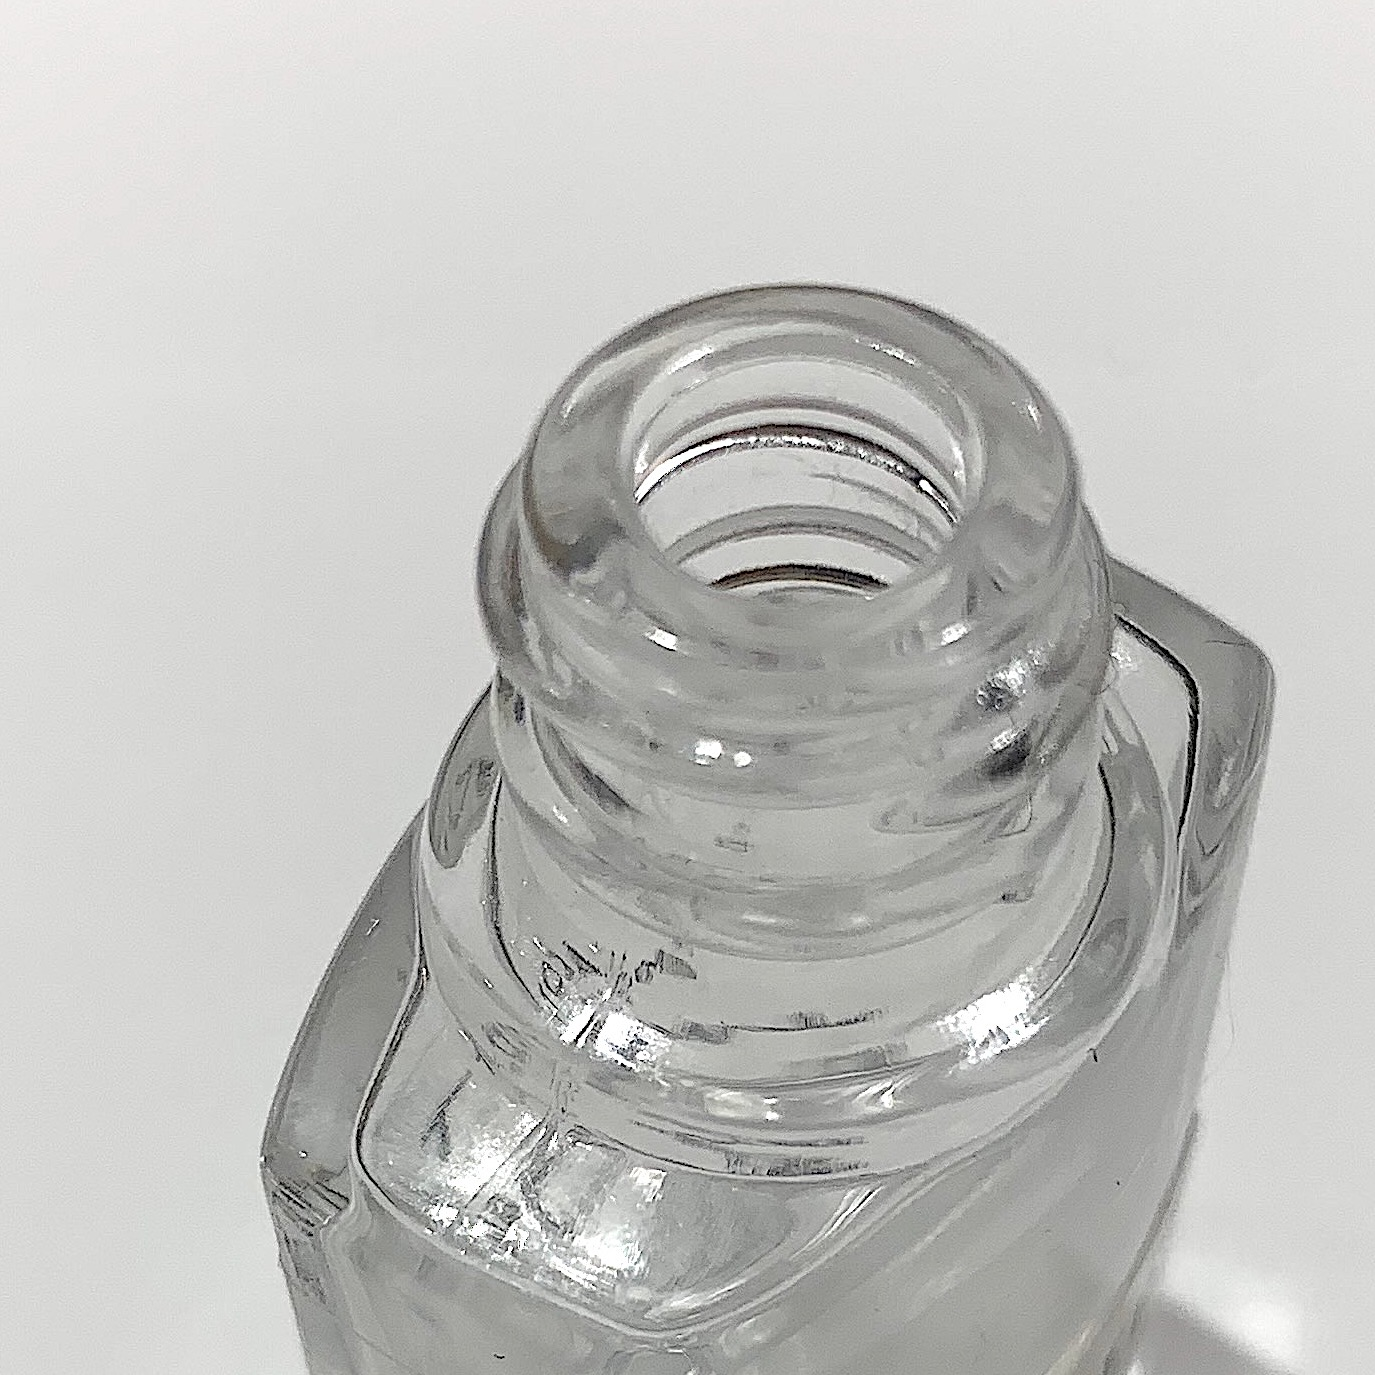 ローズバーガンディグリーン(パルファム)ミニボトル5ml【2020年最新作】MACOTT 限定熟成香水